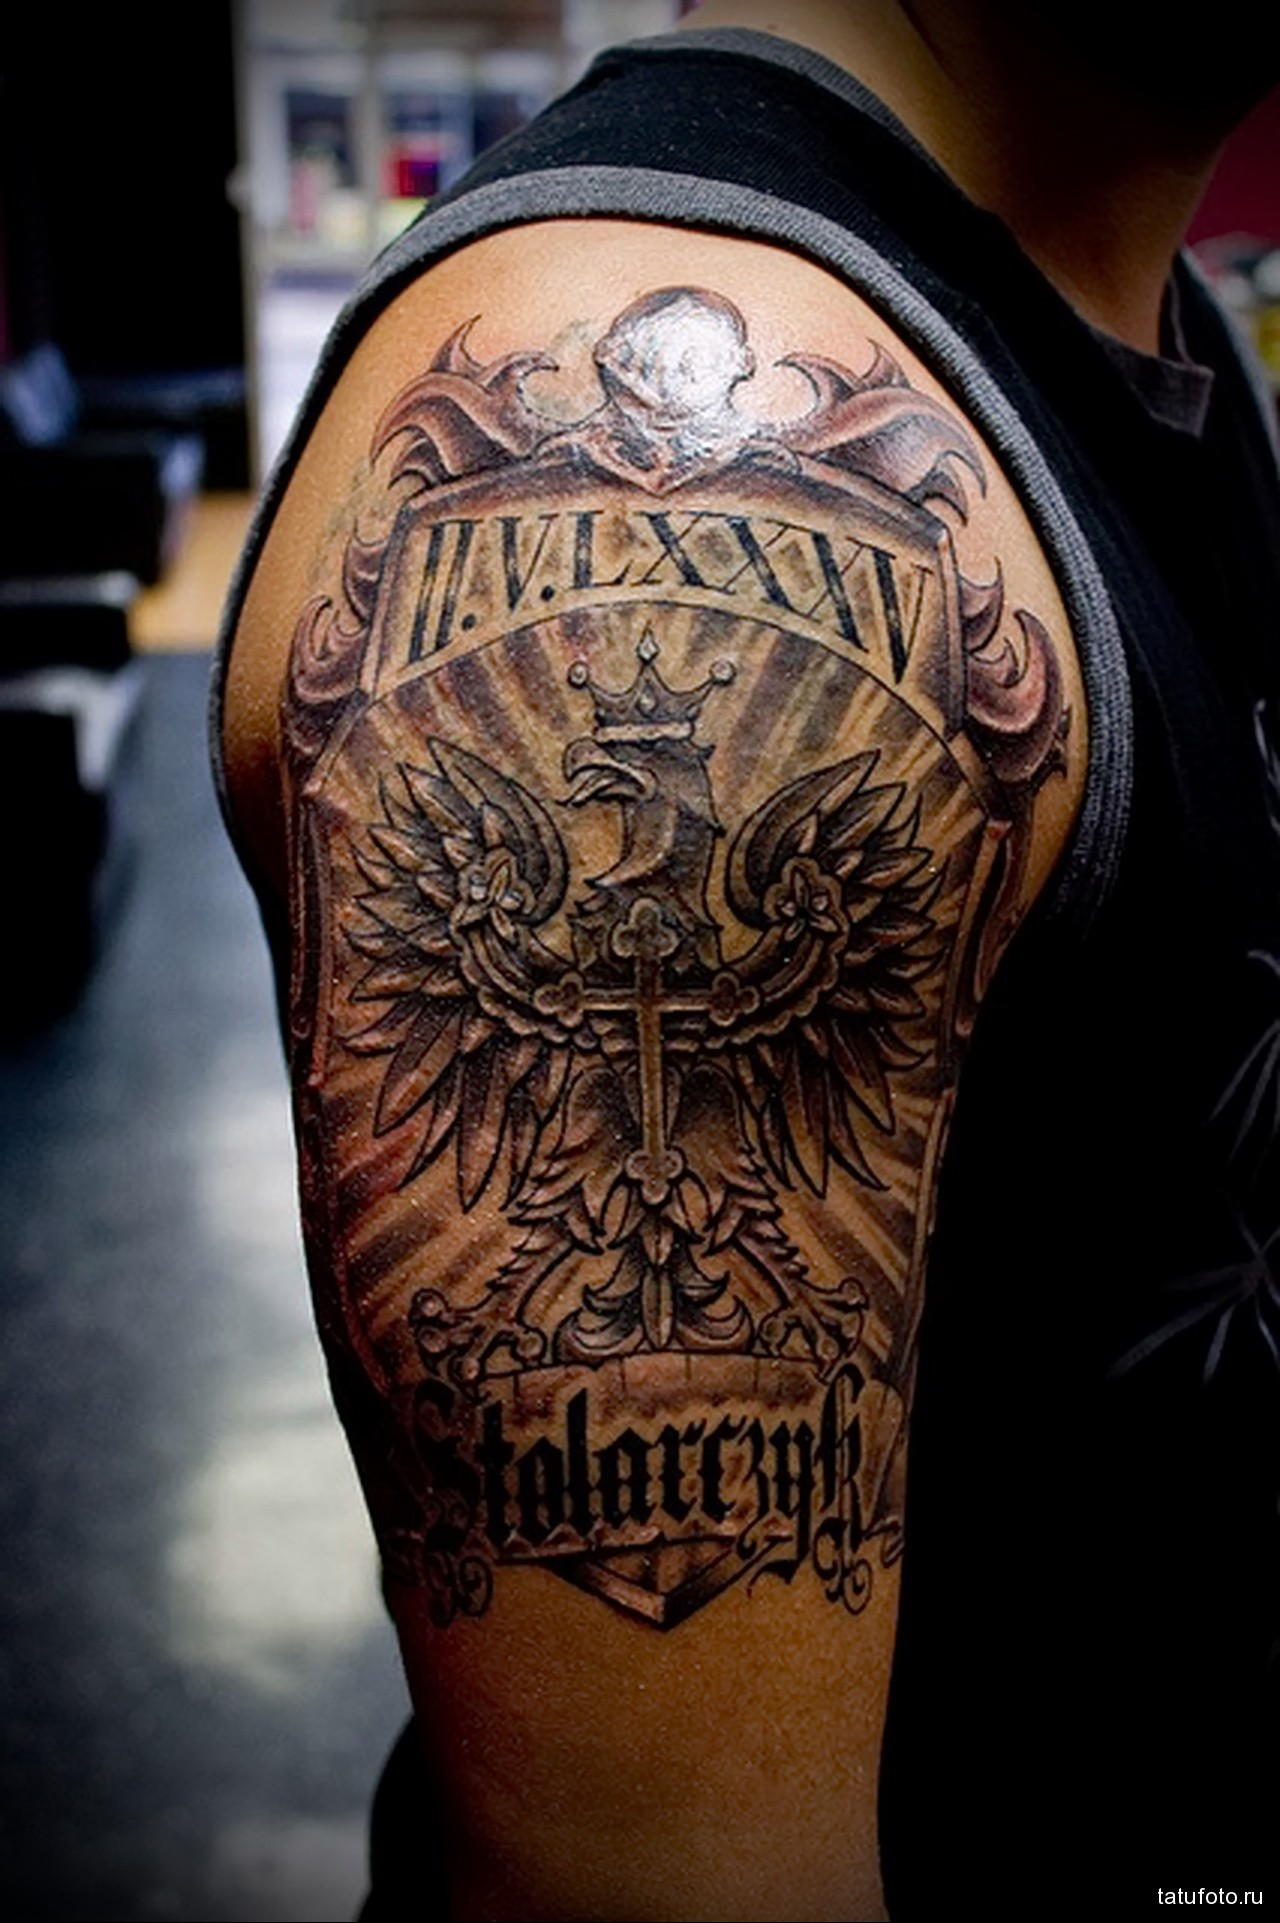 татуировка герб с орлом и крест - мужская татуировка на плече